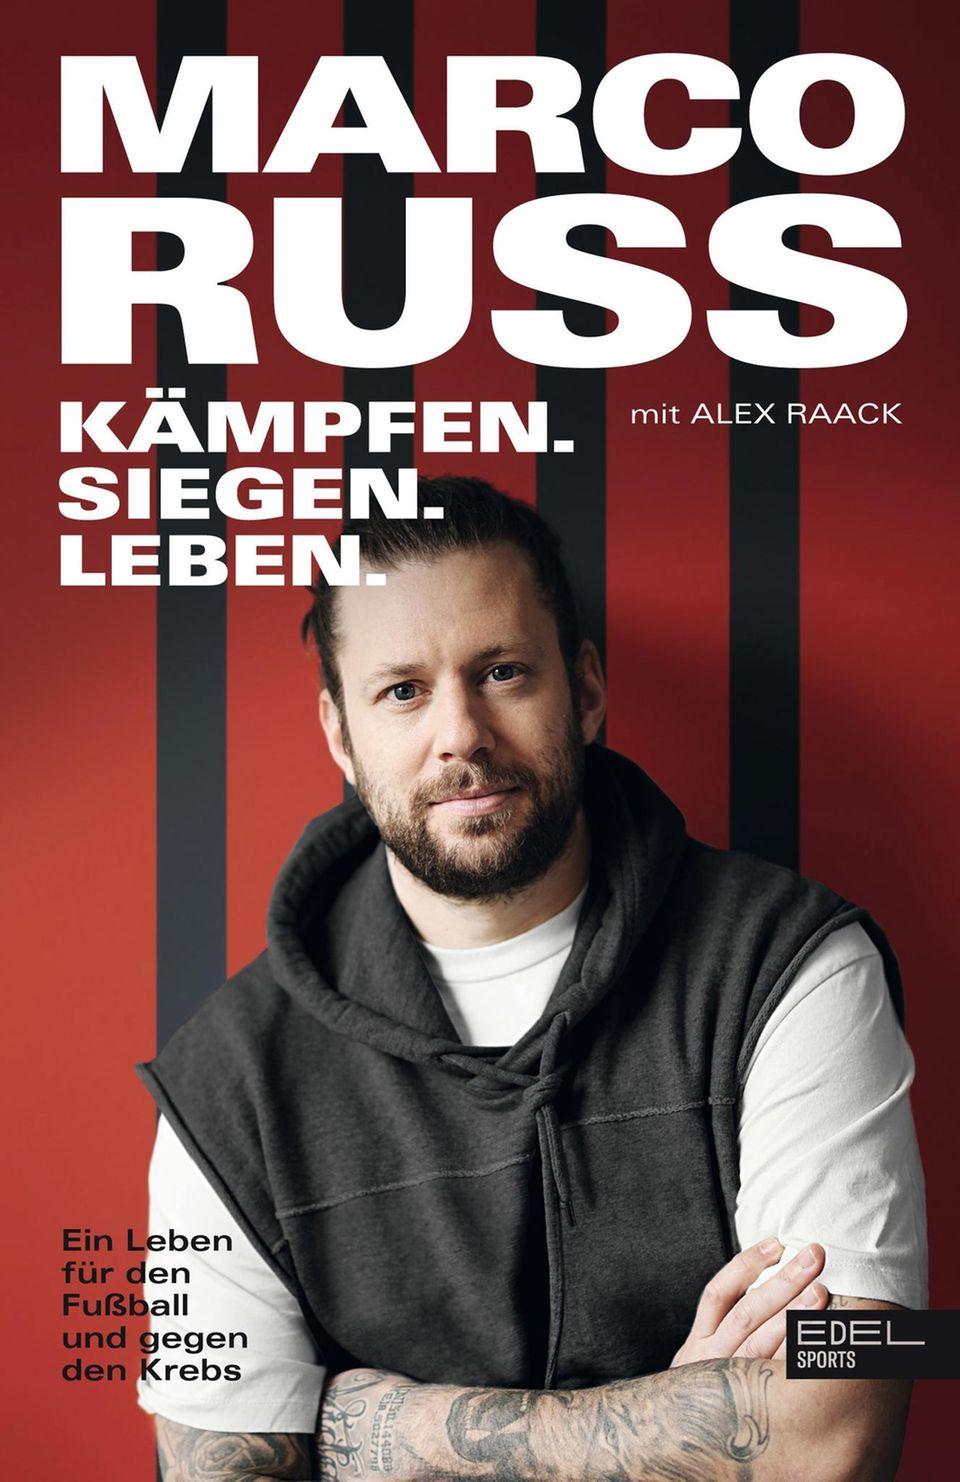 """Marco Russ  """"Kämpfen. Siegen. Leben – ein Leben für den Fußball und gegen den Krebs""""  240 Seiten  19,95 Euro  ISBN978-3841907790"""